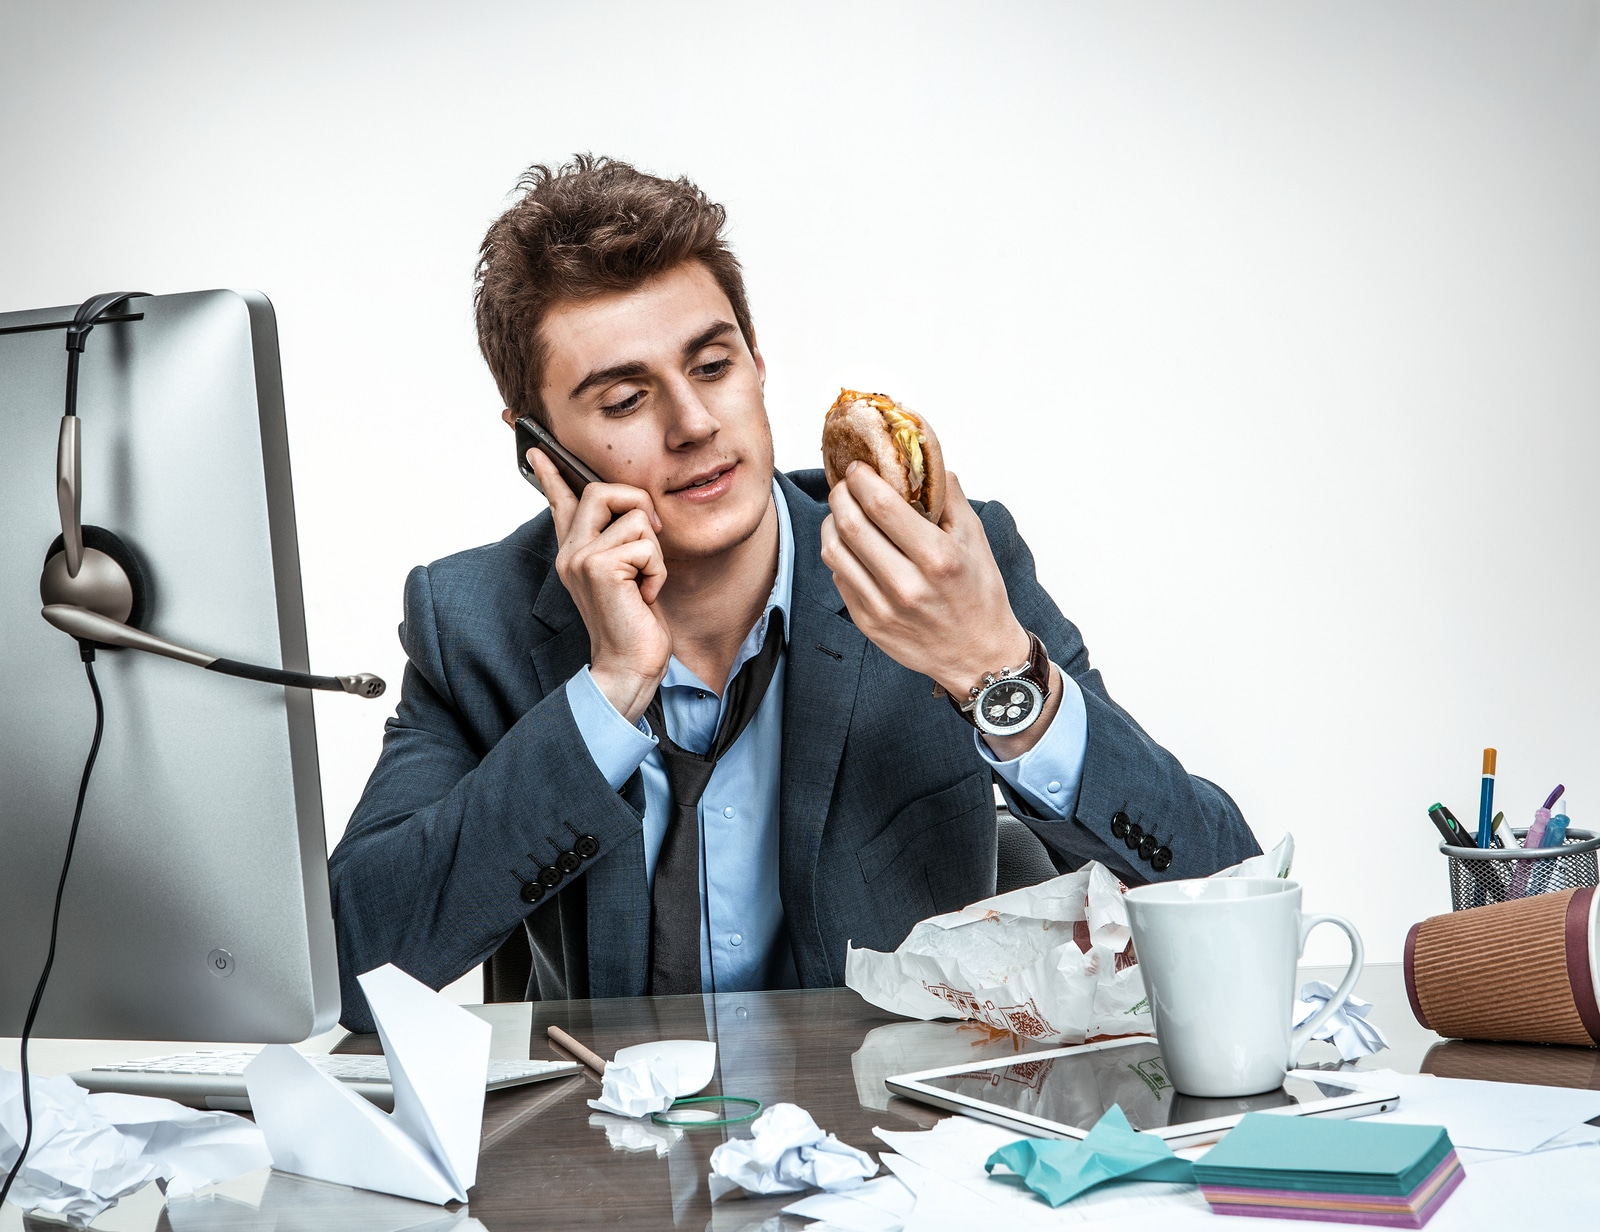 Cuida tu alimentación mientras trabajas